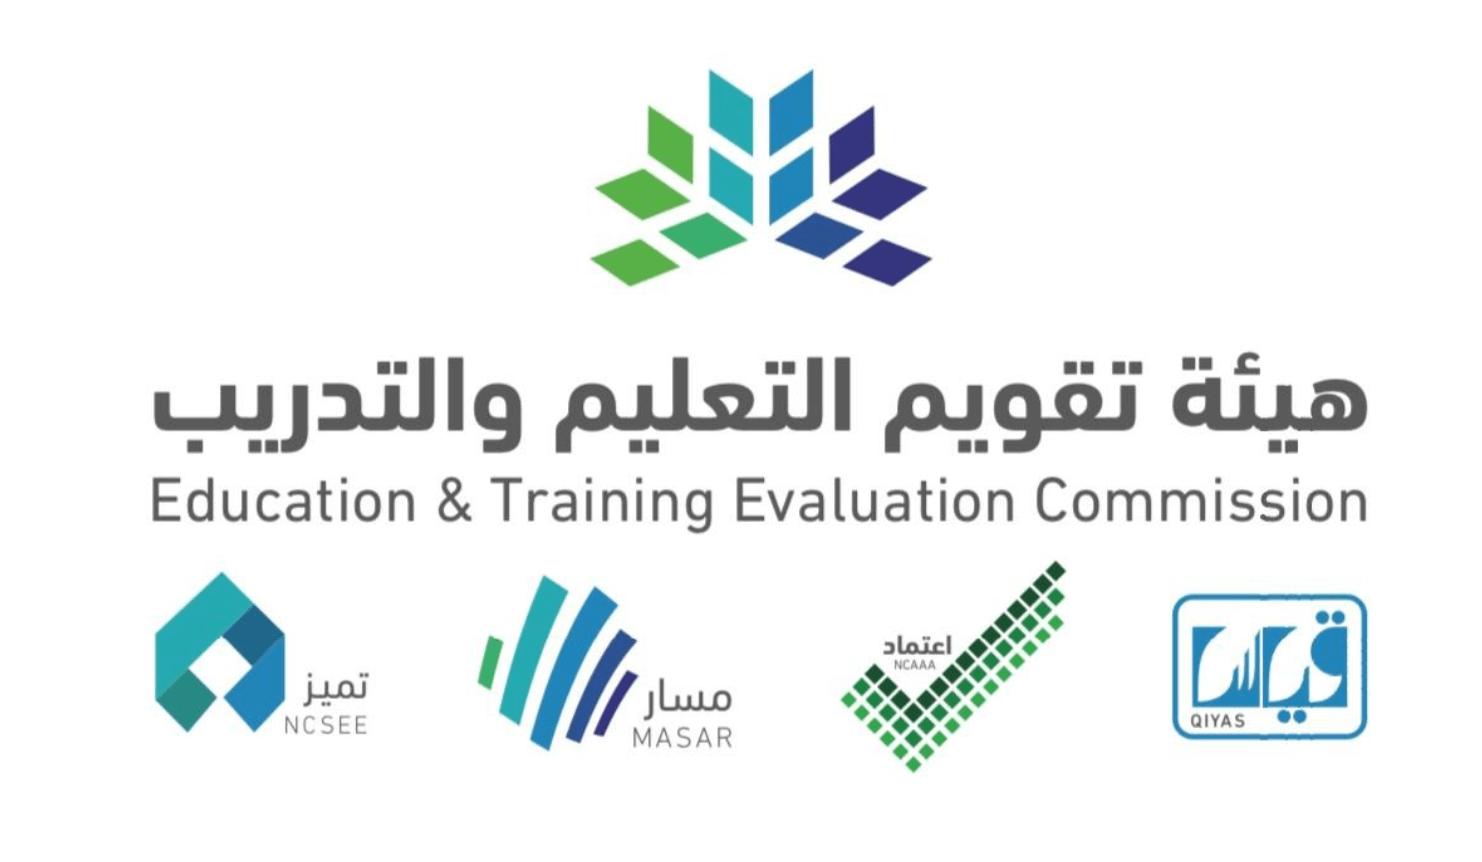 هيئة تقويم التعليم والتدريب تعلن فتح التسجيل لاختبار القدرة المعرفية In 2020 Training Evaluation Education And Training Education